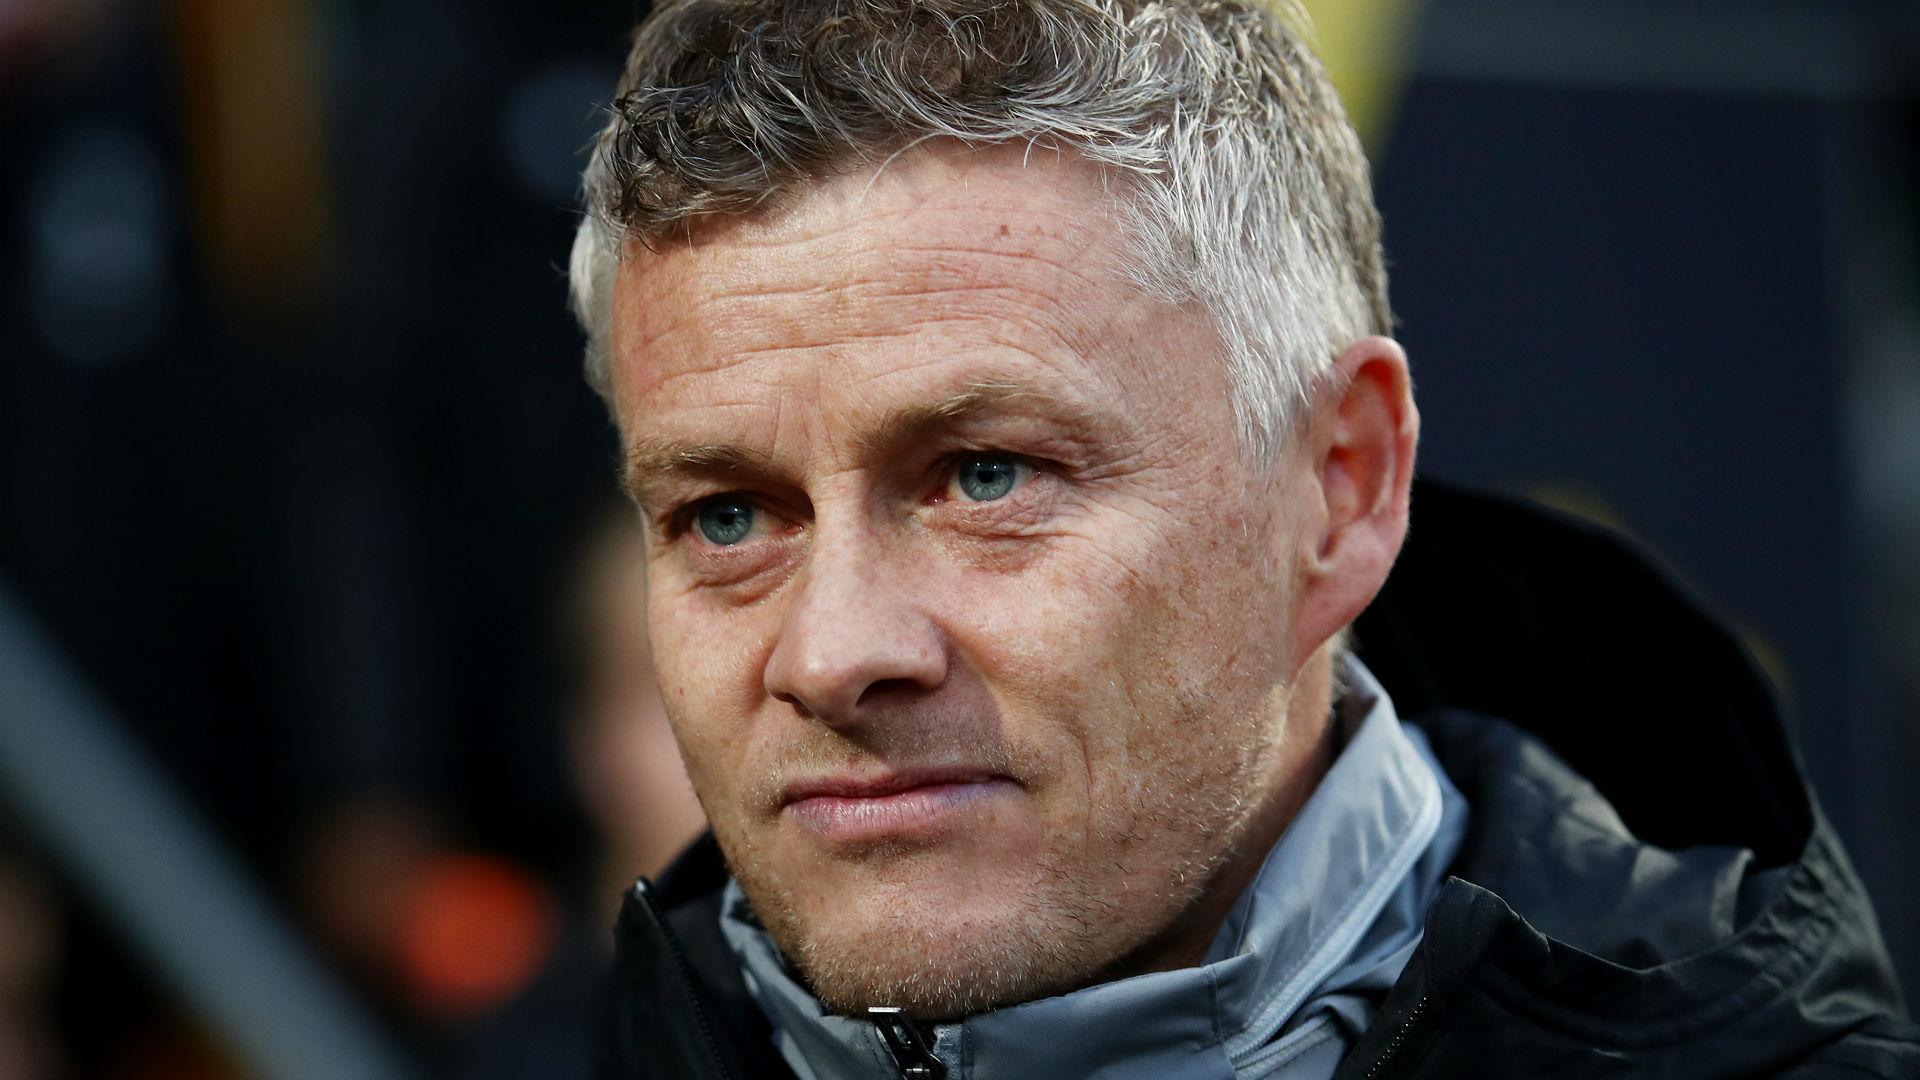 Solskjaer evokes spirit of PSG upset as Man United brace for Liverpool visit